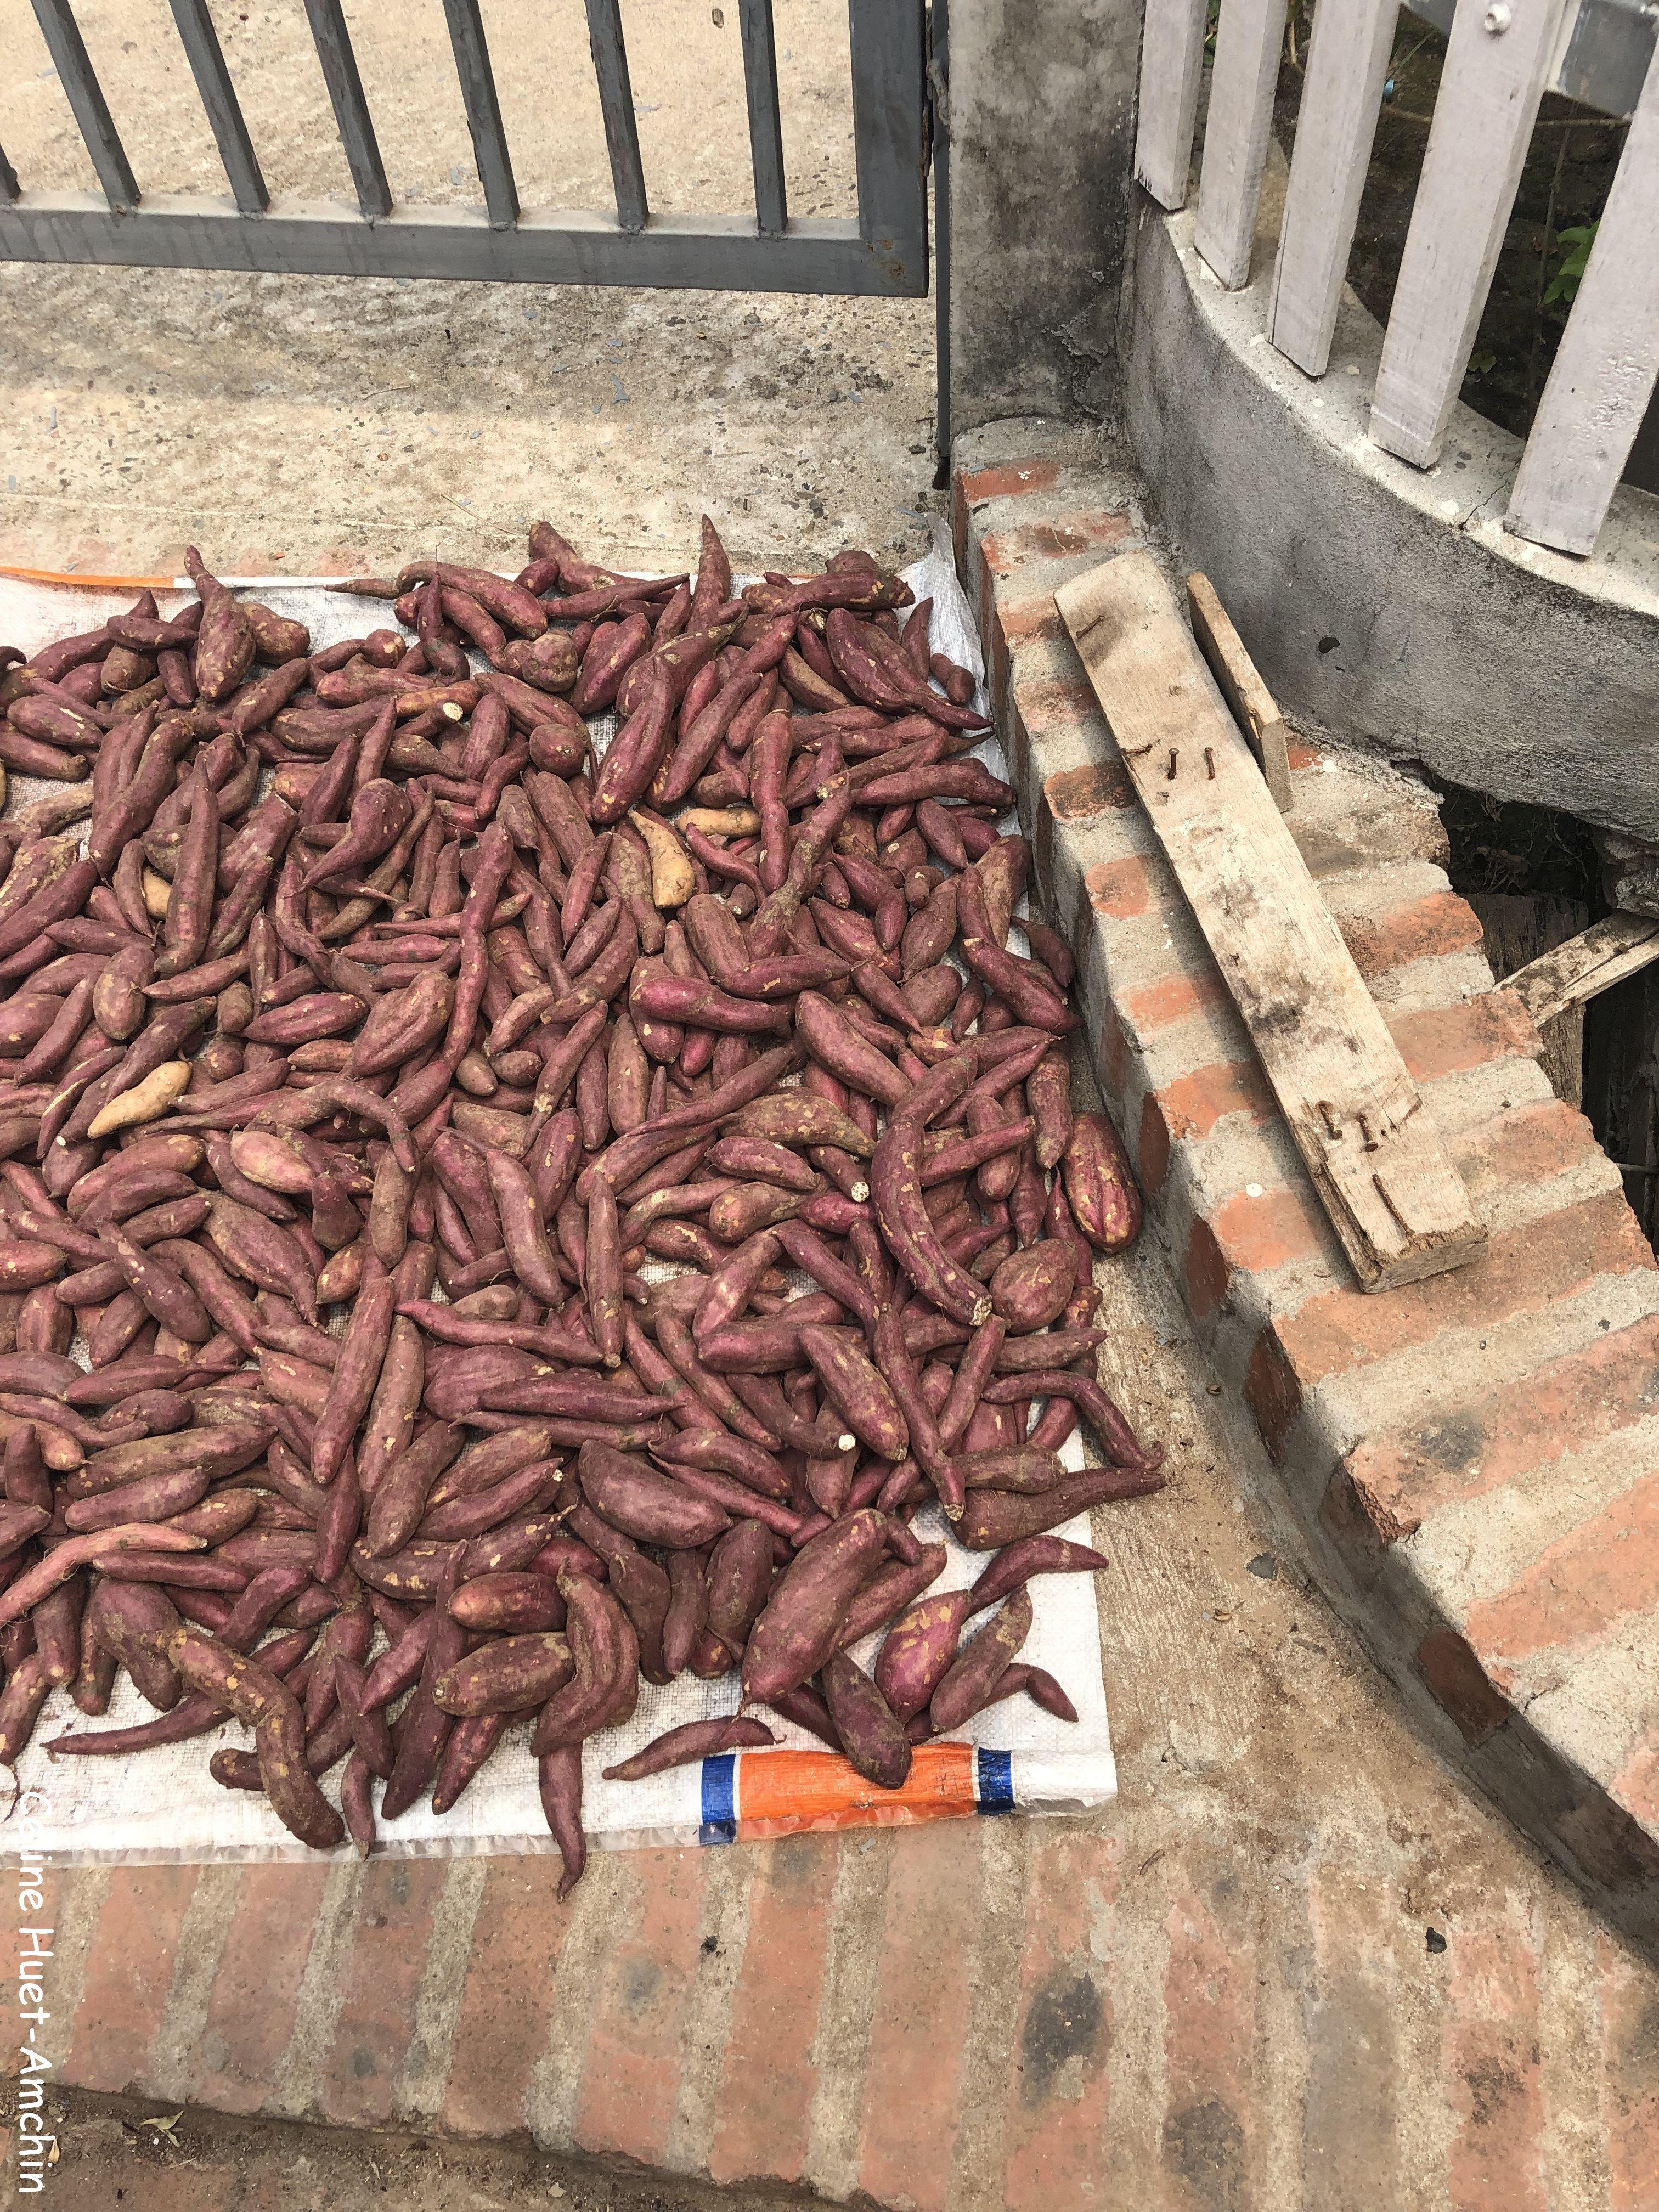 Légumes qui sèchent au soleil Luang Prabang Laos Asie